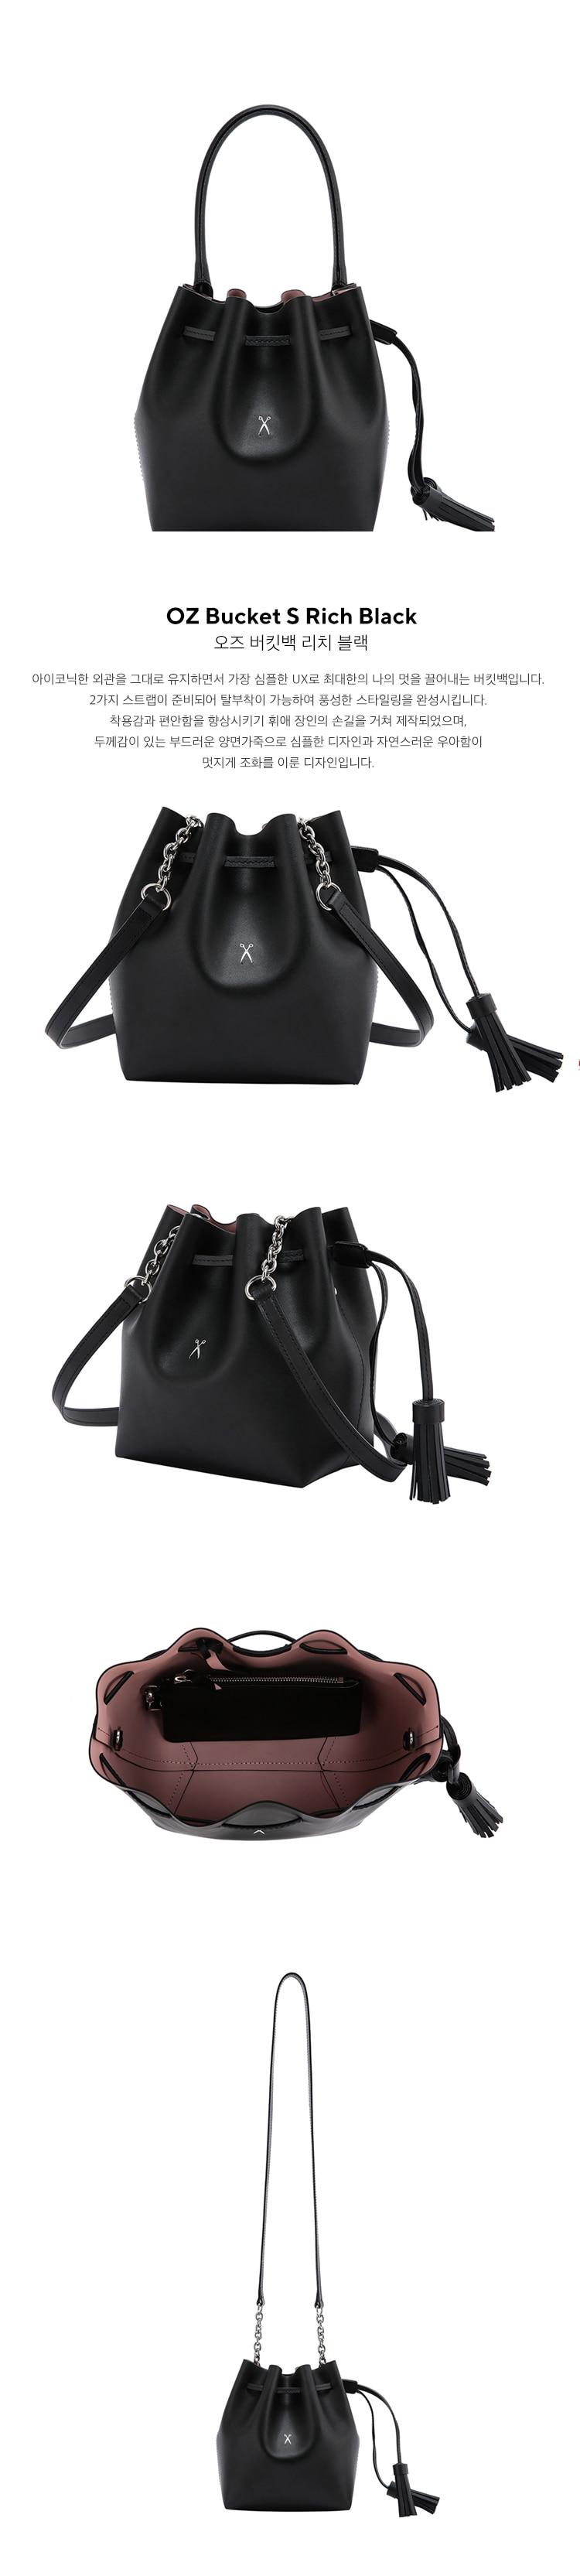 조셉앤스테이시(JOSEPH&STACEY) OZ Bucket Bag S Rich Black